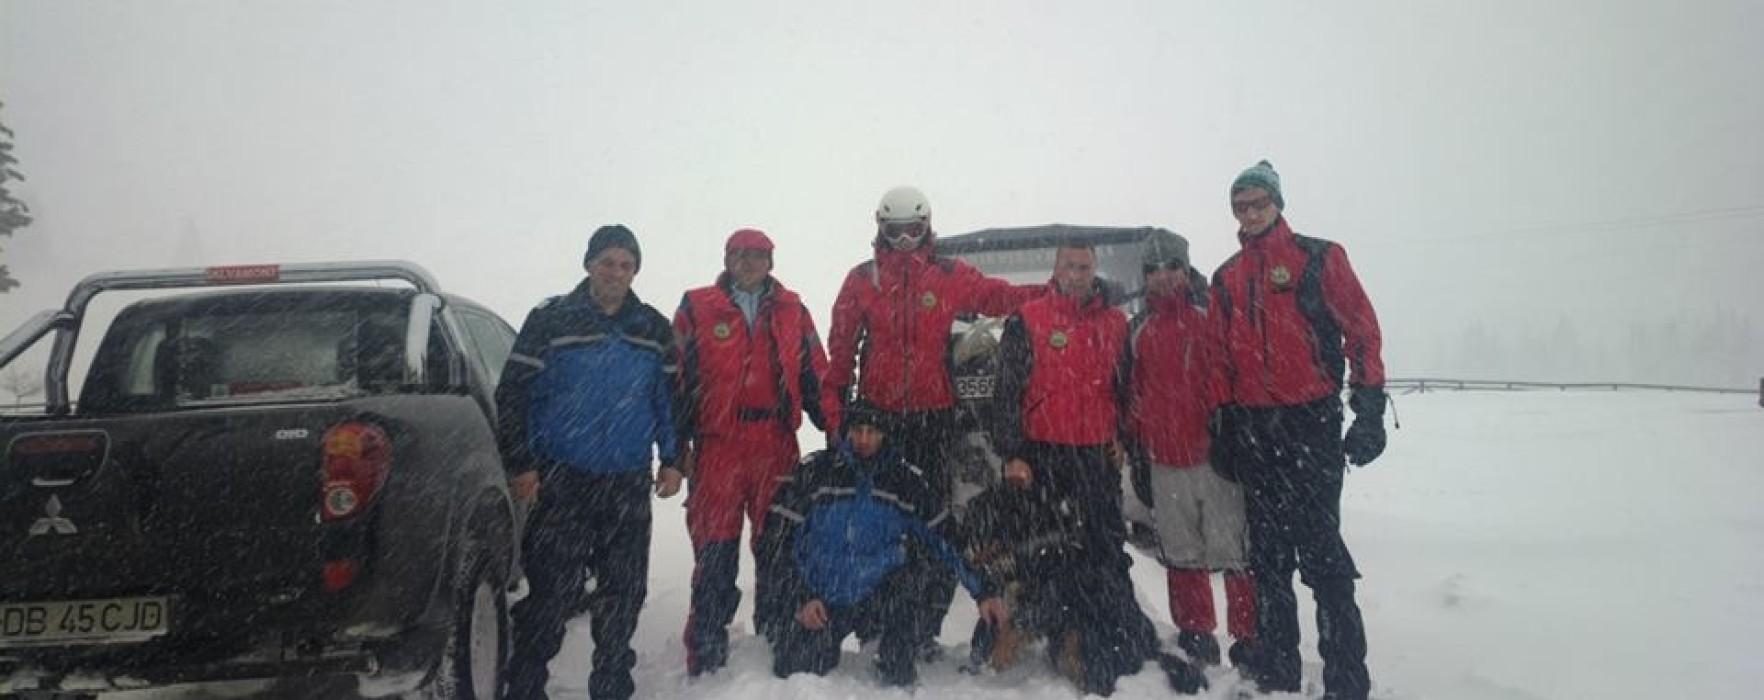 Turiştii de la Padina-Peştera ajutaţi de salvamontişti şi jandarmi să coboare din munte